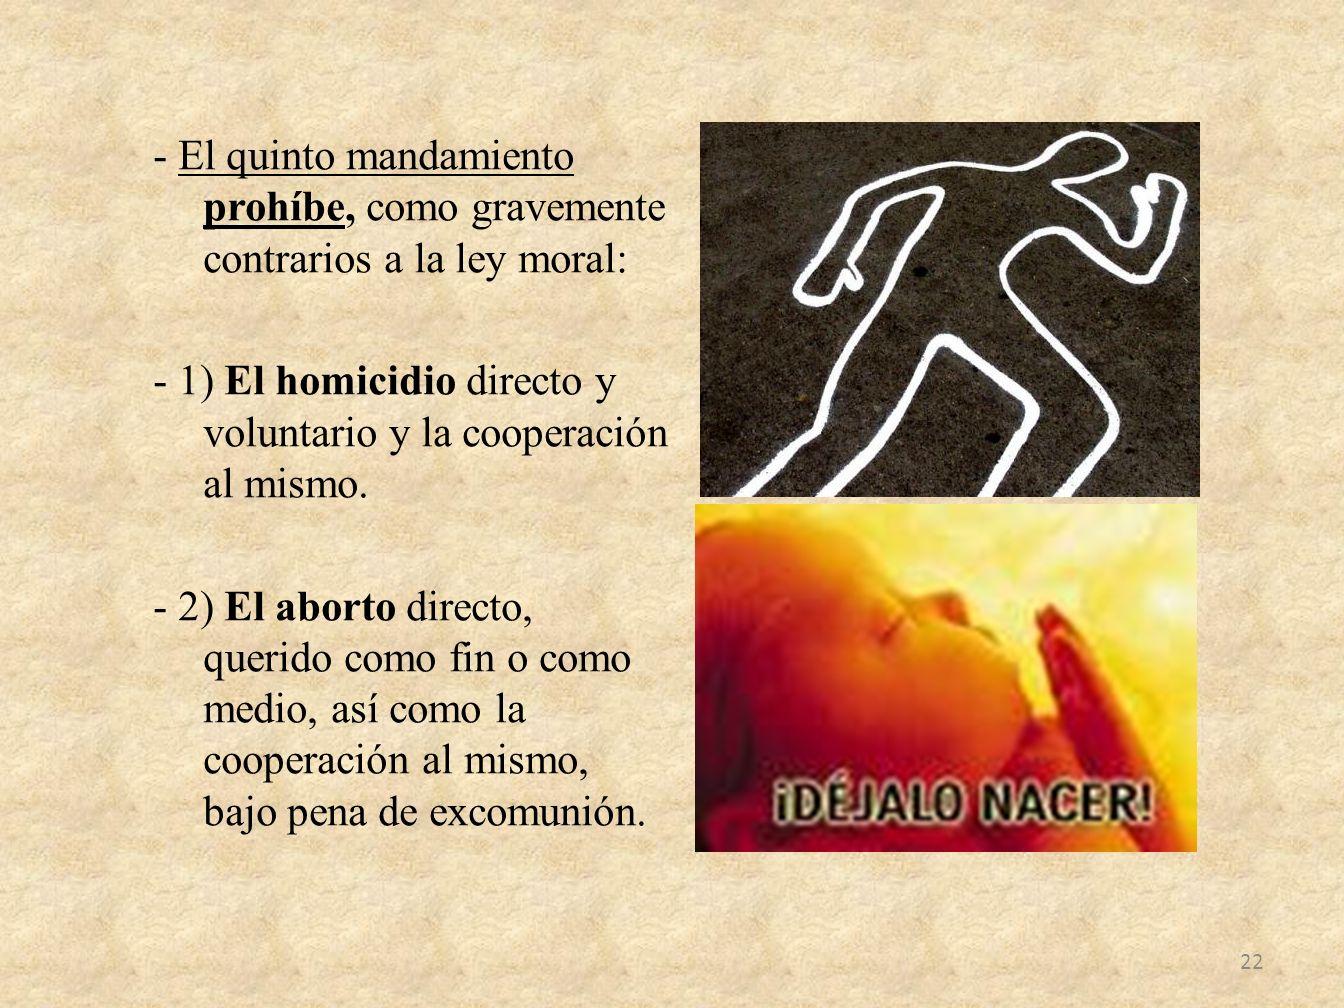 - El quinto mandamiento prohíbe, como gravemente contrarios a la ley moral: - 1) El homicidio directo y voluntario y la cooperación al mismo.